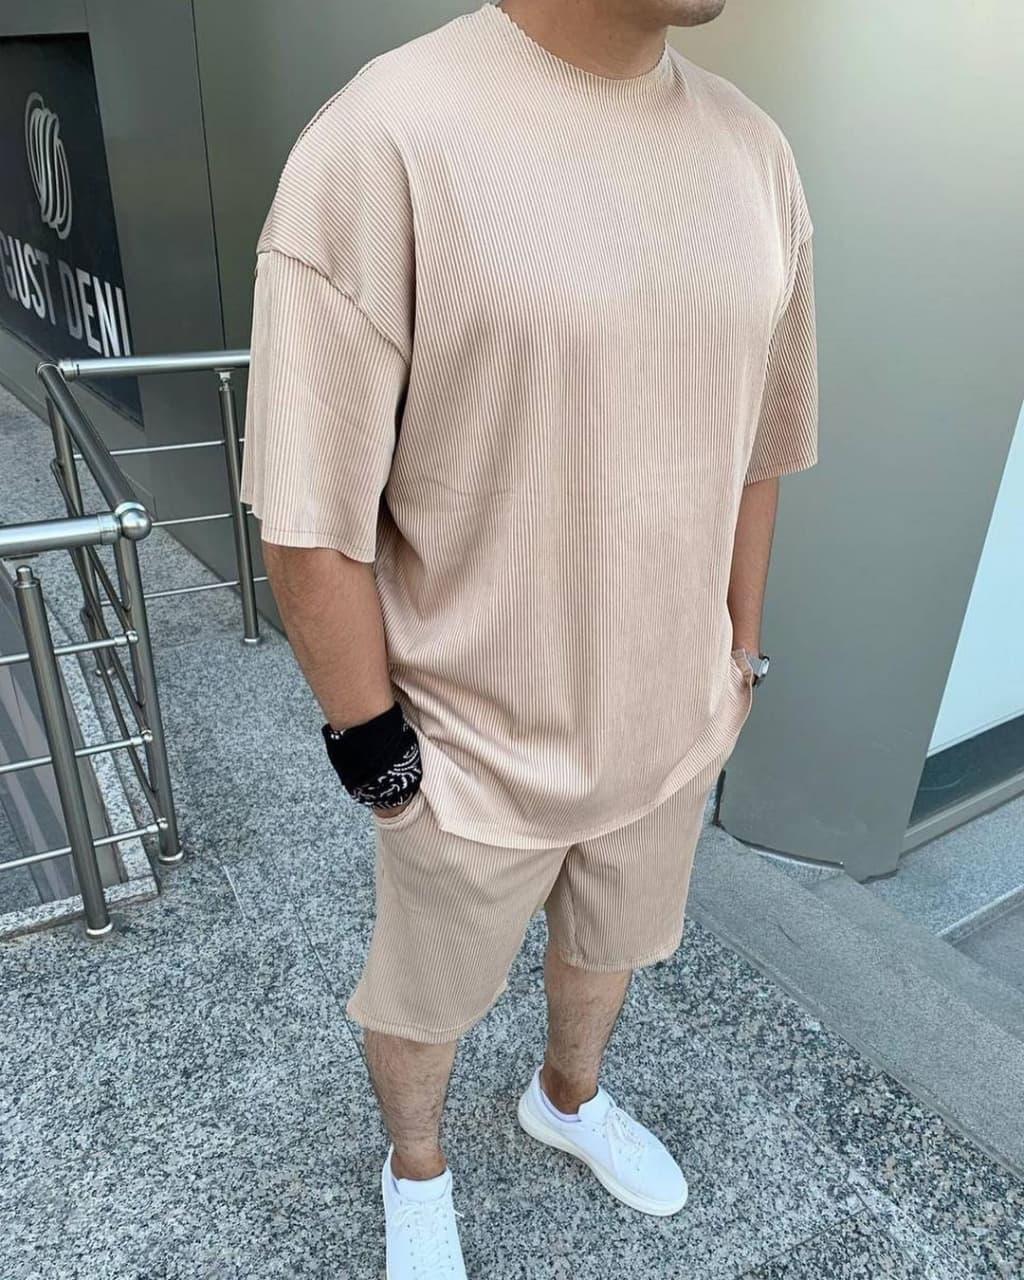 Чоловічий комплект шорти + футболка (бежевий) однотонний легкий на літо sk72